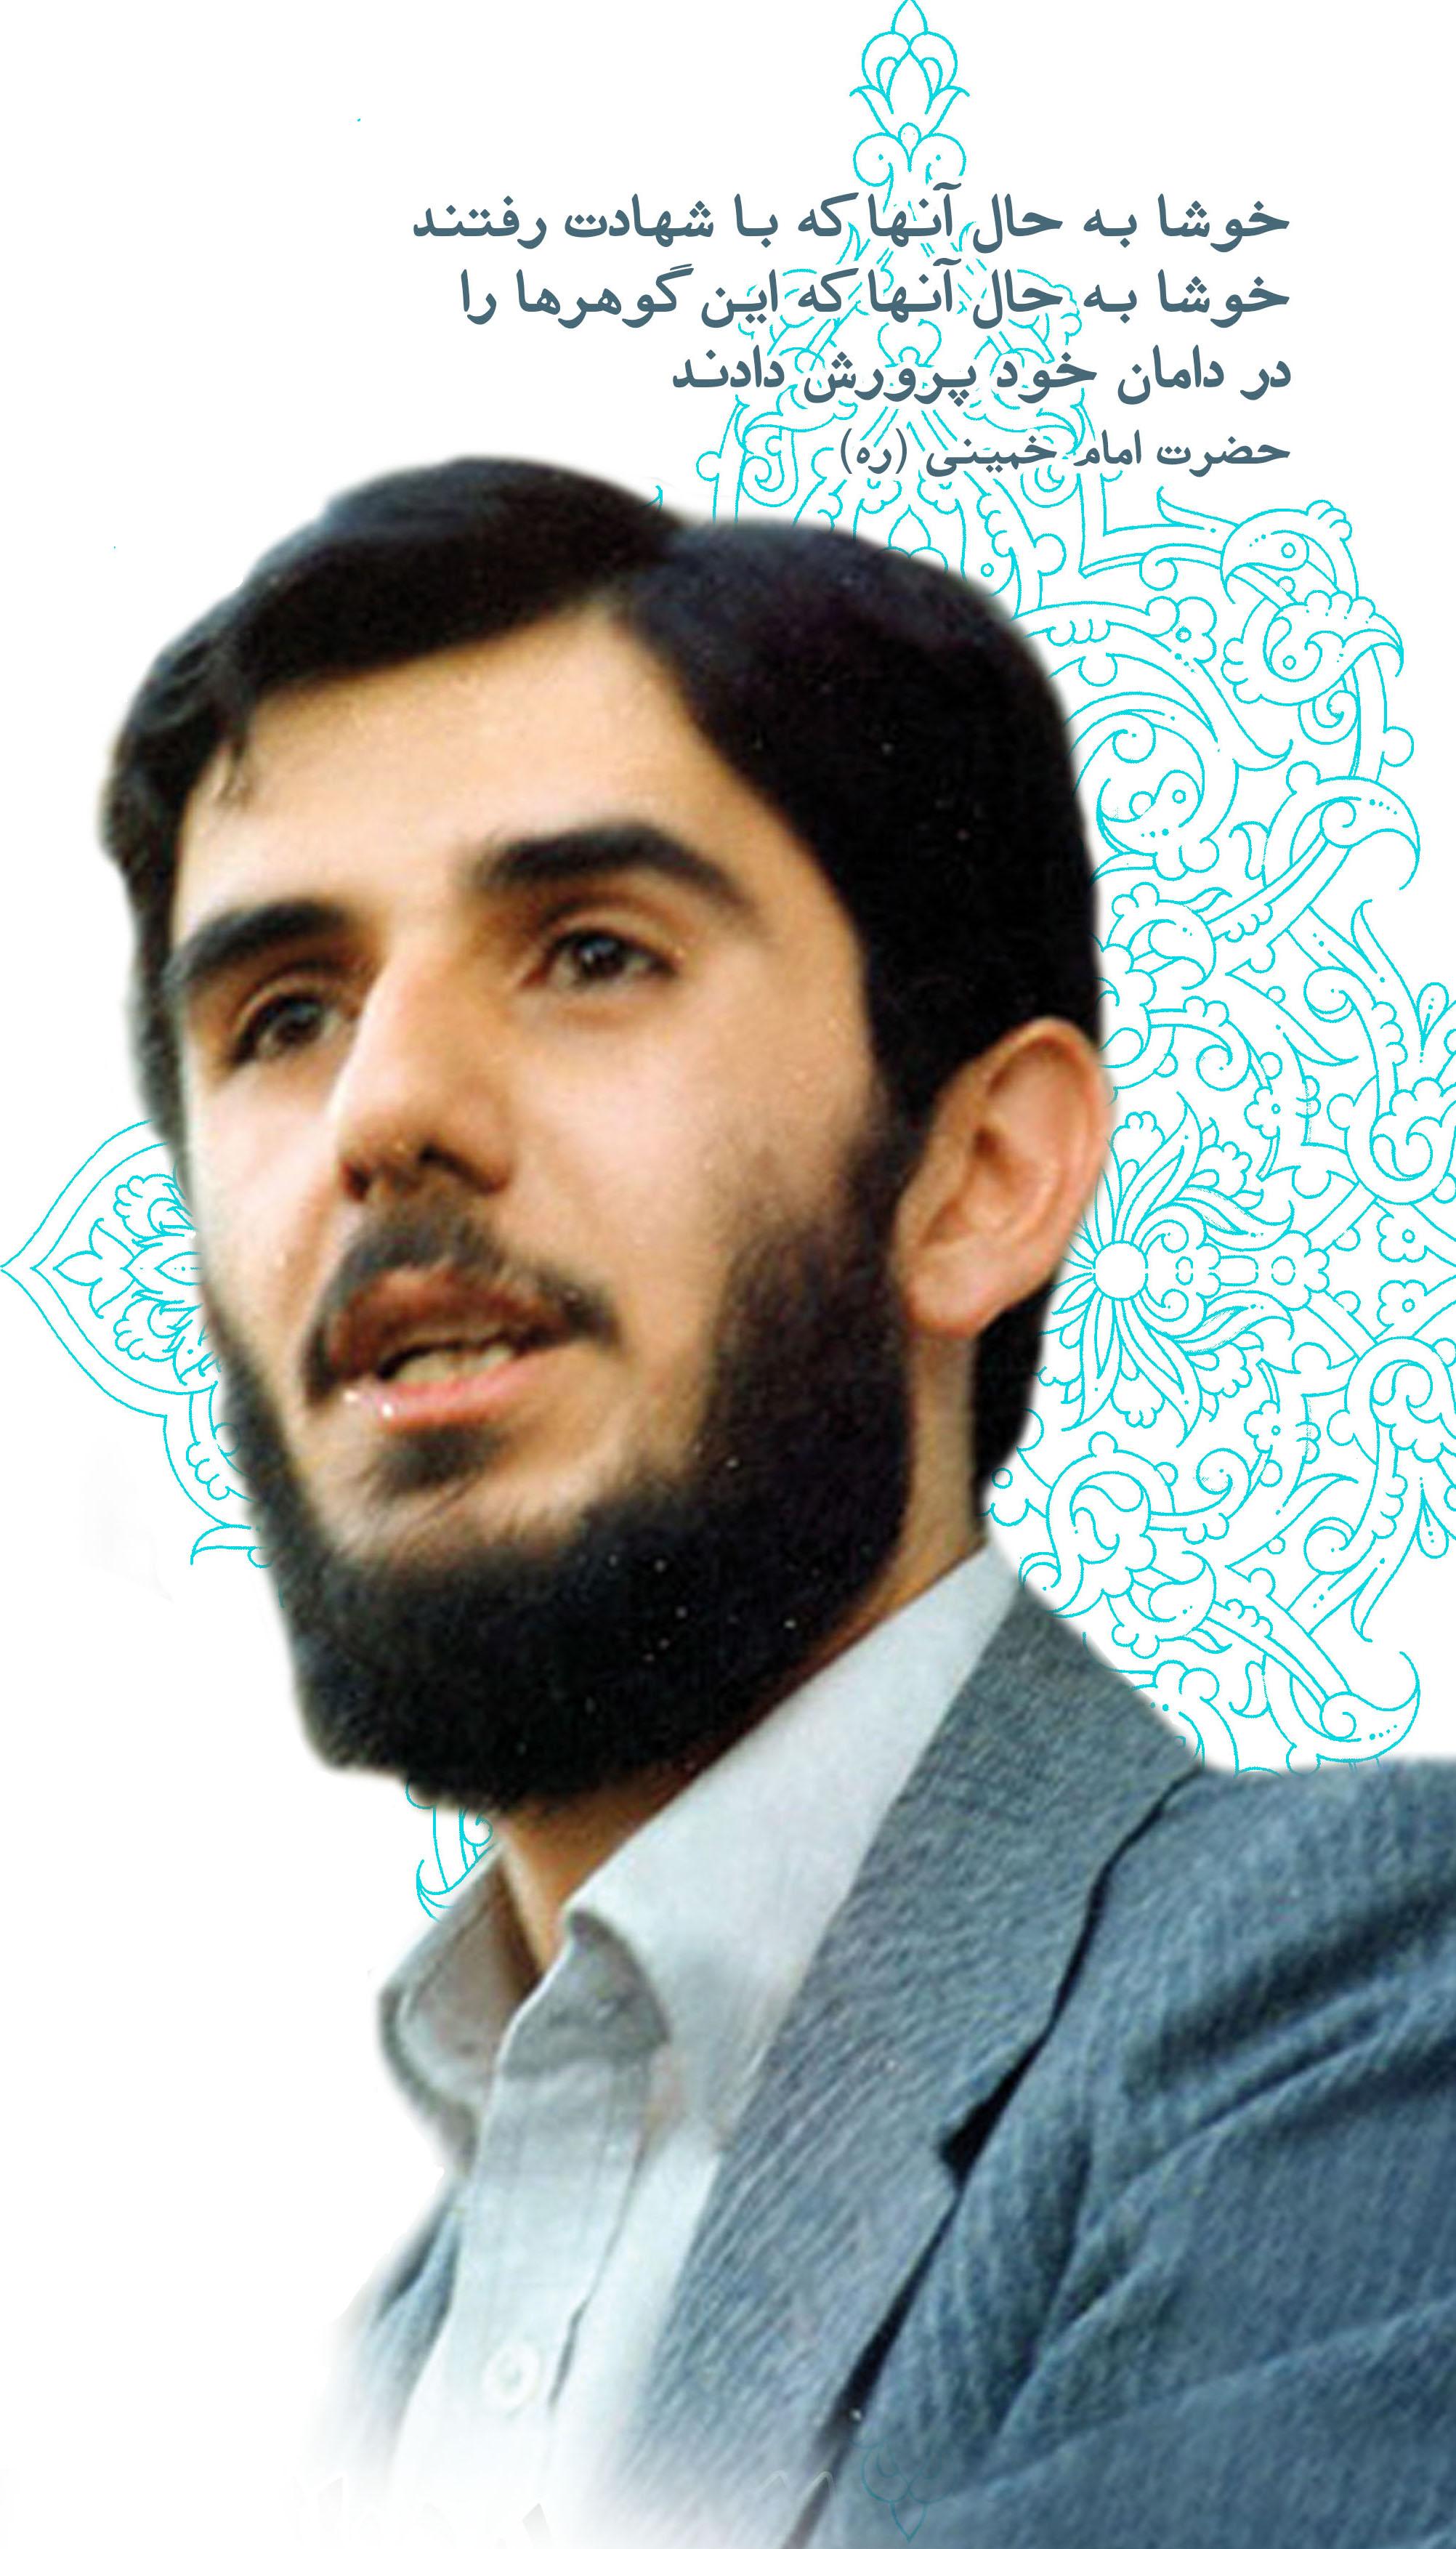 shahid Dyalame